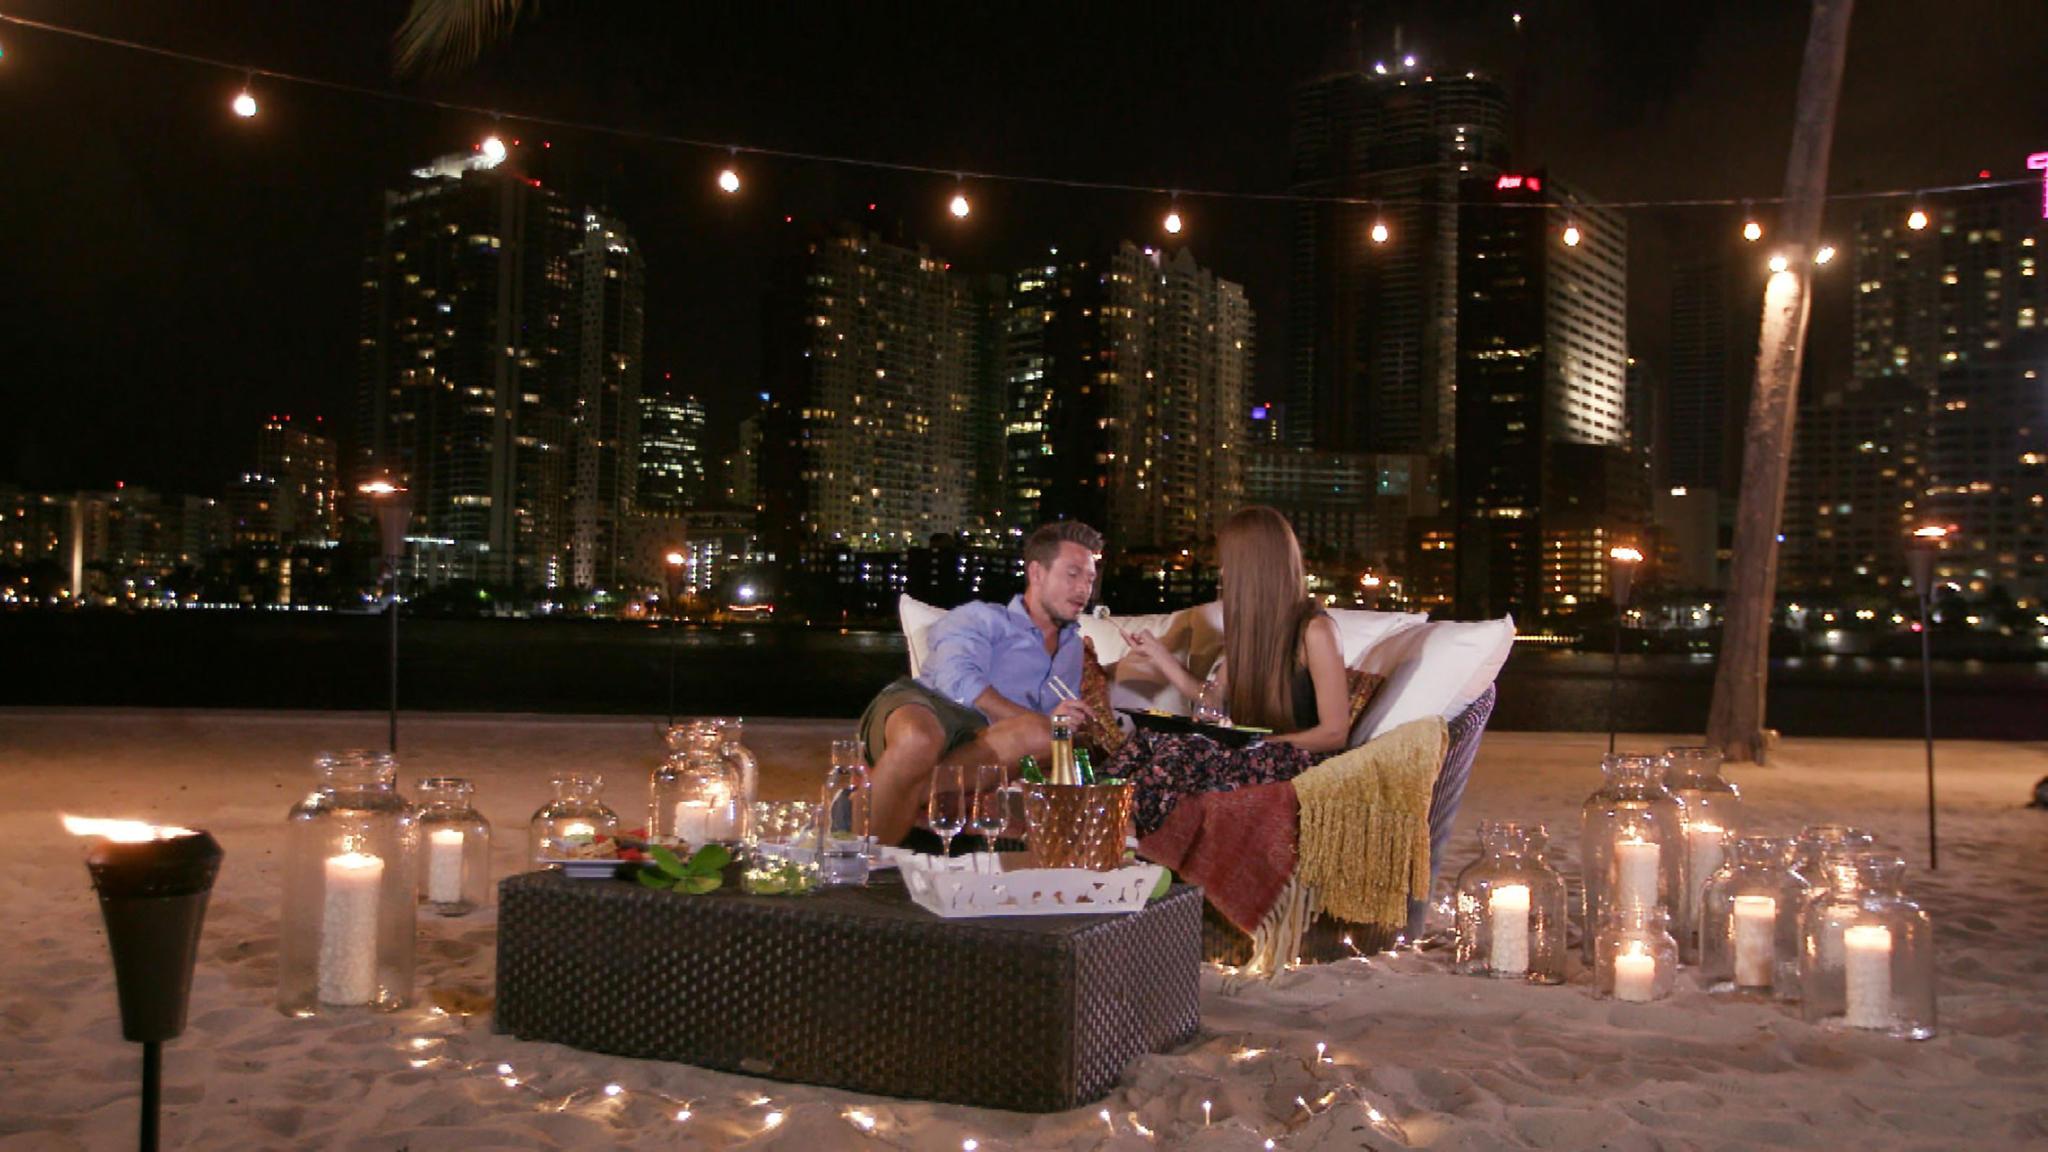 Sebastian und Kattia verbringen einen romantischen Abend miteinander.